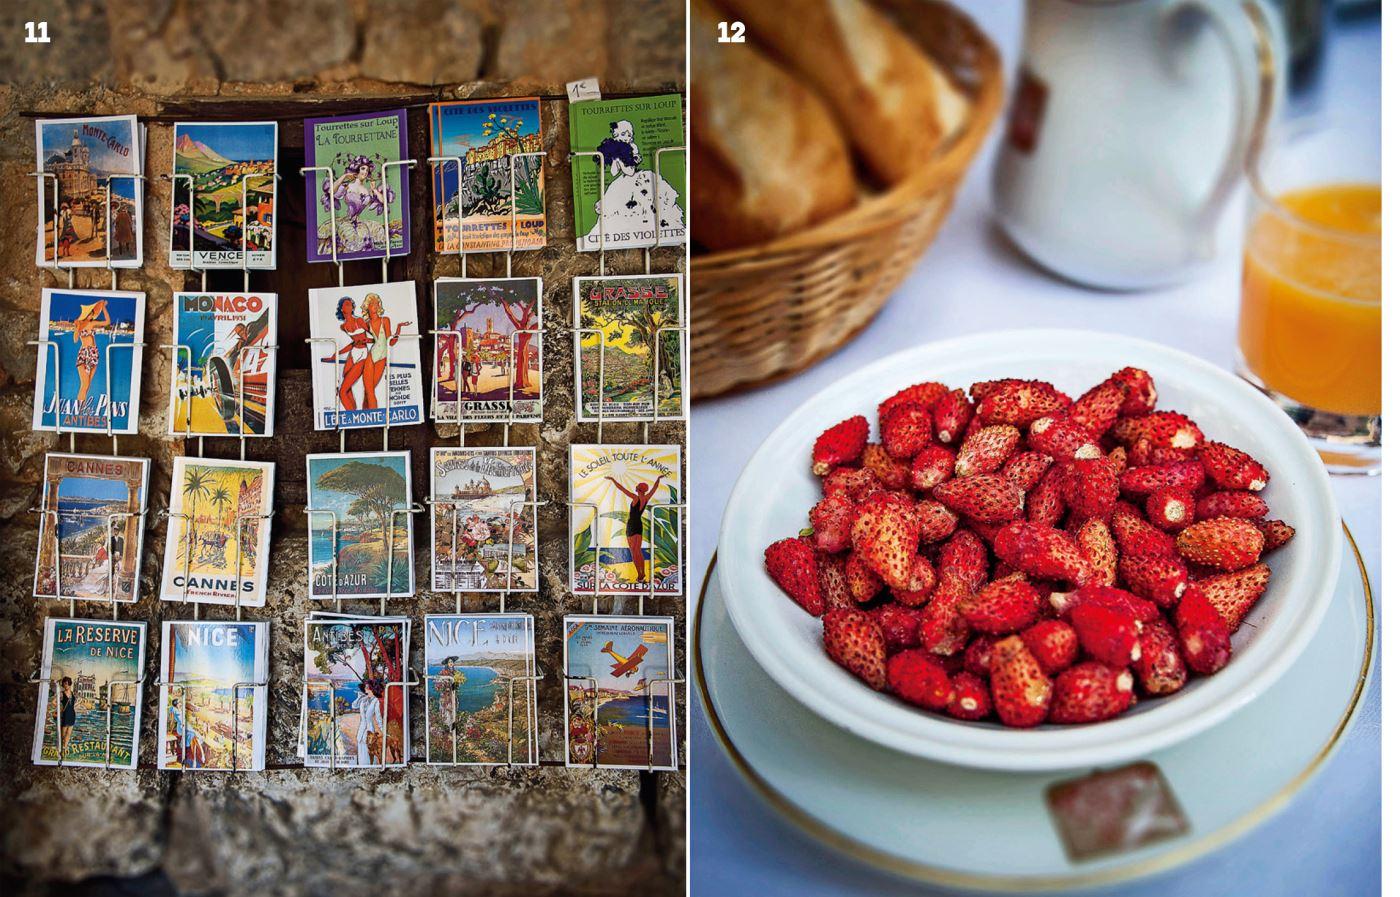 11 남불 도시의 모습을 담은 그림 엽서들. 12 라 콜롱브 도르의 조식으로 제공되는 산딸기.